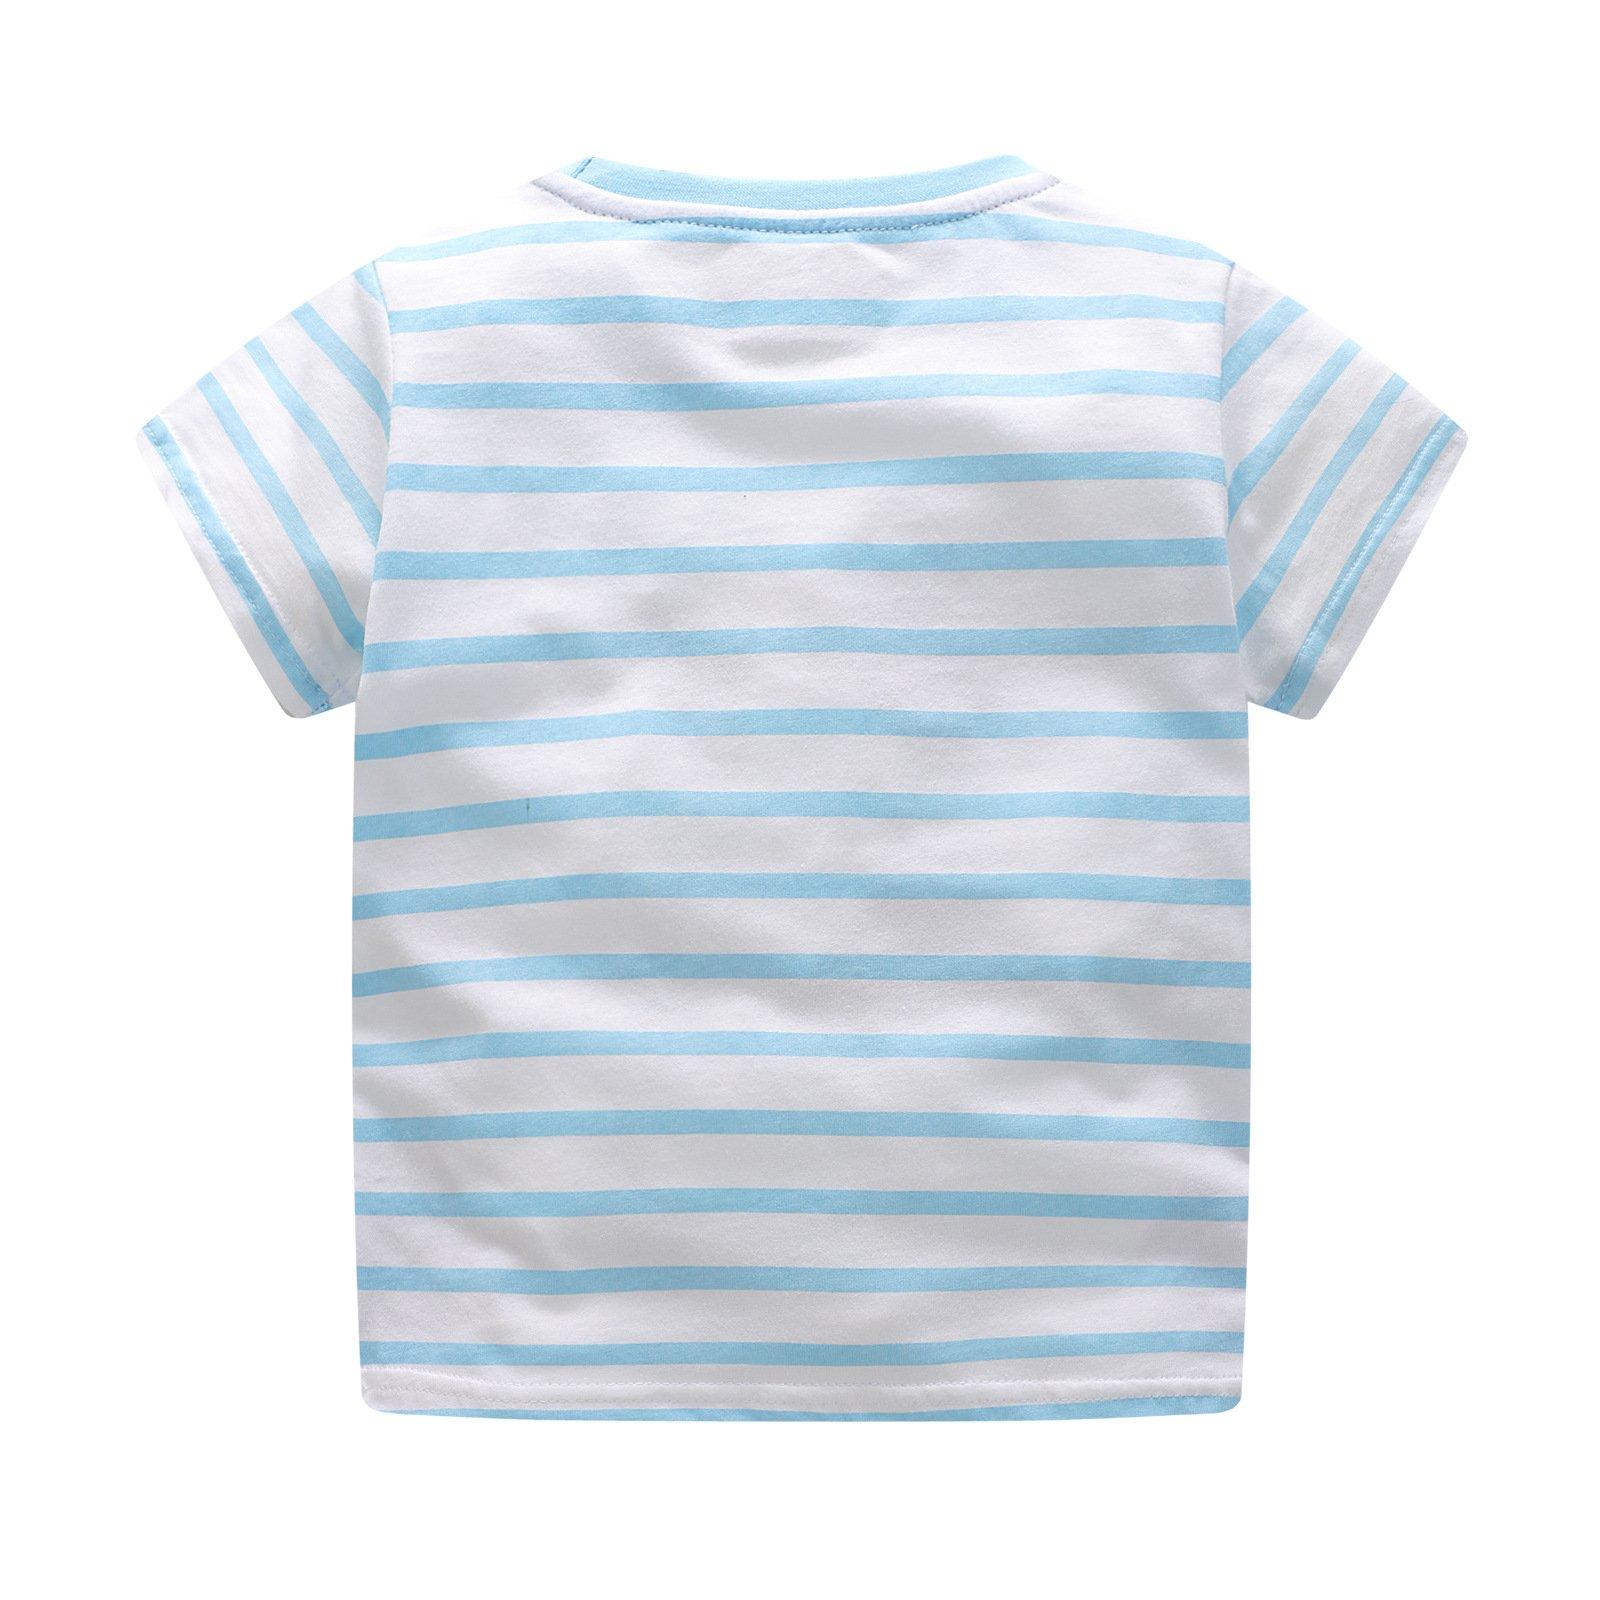 BEILEI CREATIONS Little Boys Summer Cotton Strip T Shirt,Summer Short Sleeve T-Shirt Clothes (18M-24M, Blue Ship) by BEILEI CREATIONS (Image #2)